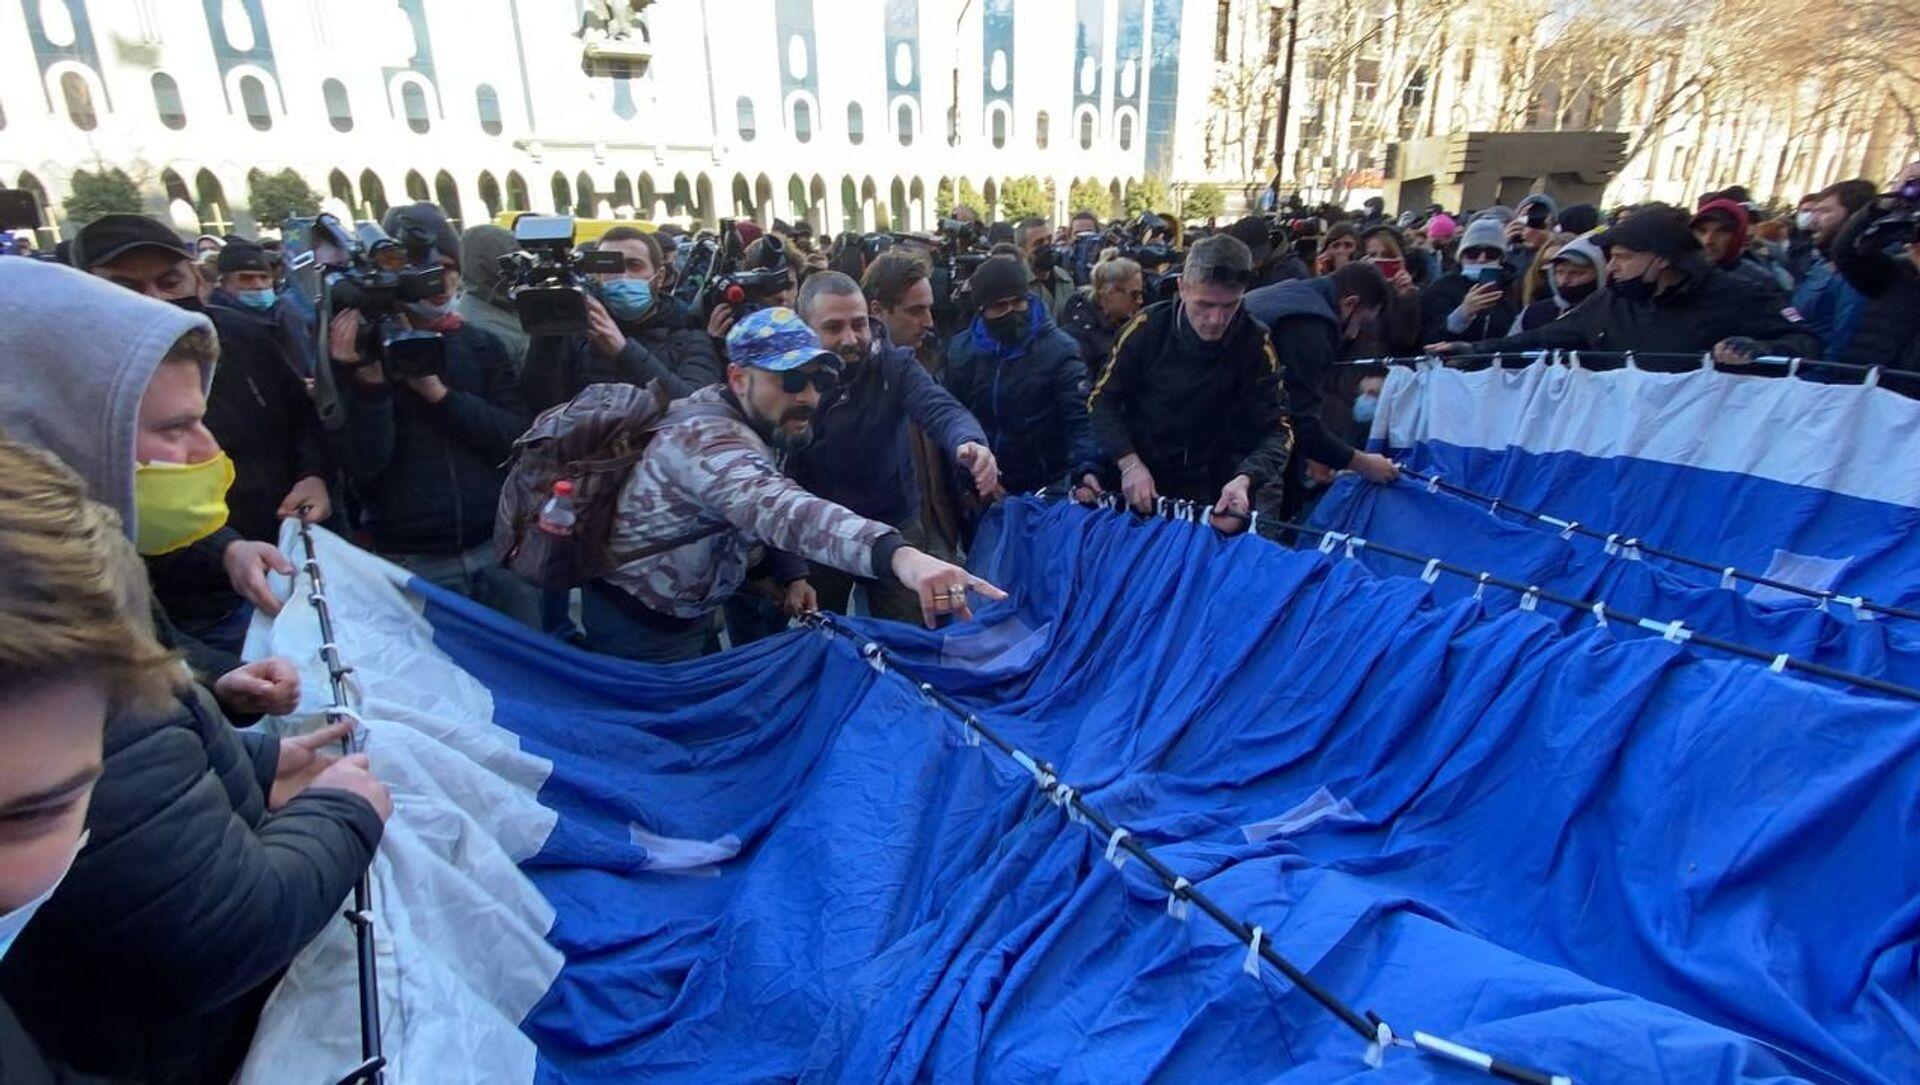 Ситуация у здания Парламента Грузии. Демоестранты устанавливают палатки 23 февраля 2021 года - Sputnik Грузия, 1920, 23.02.2021